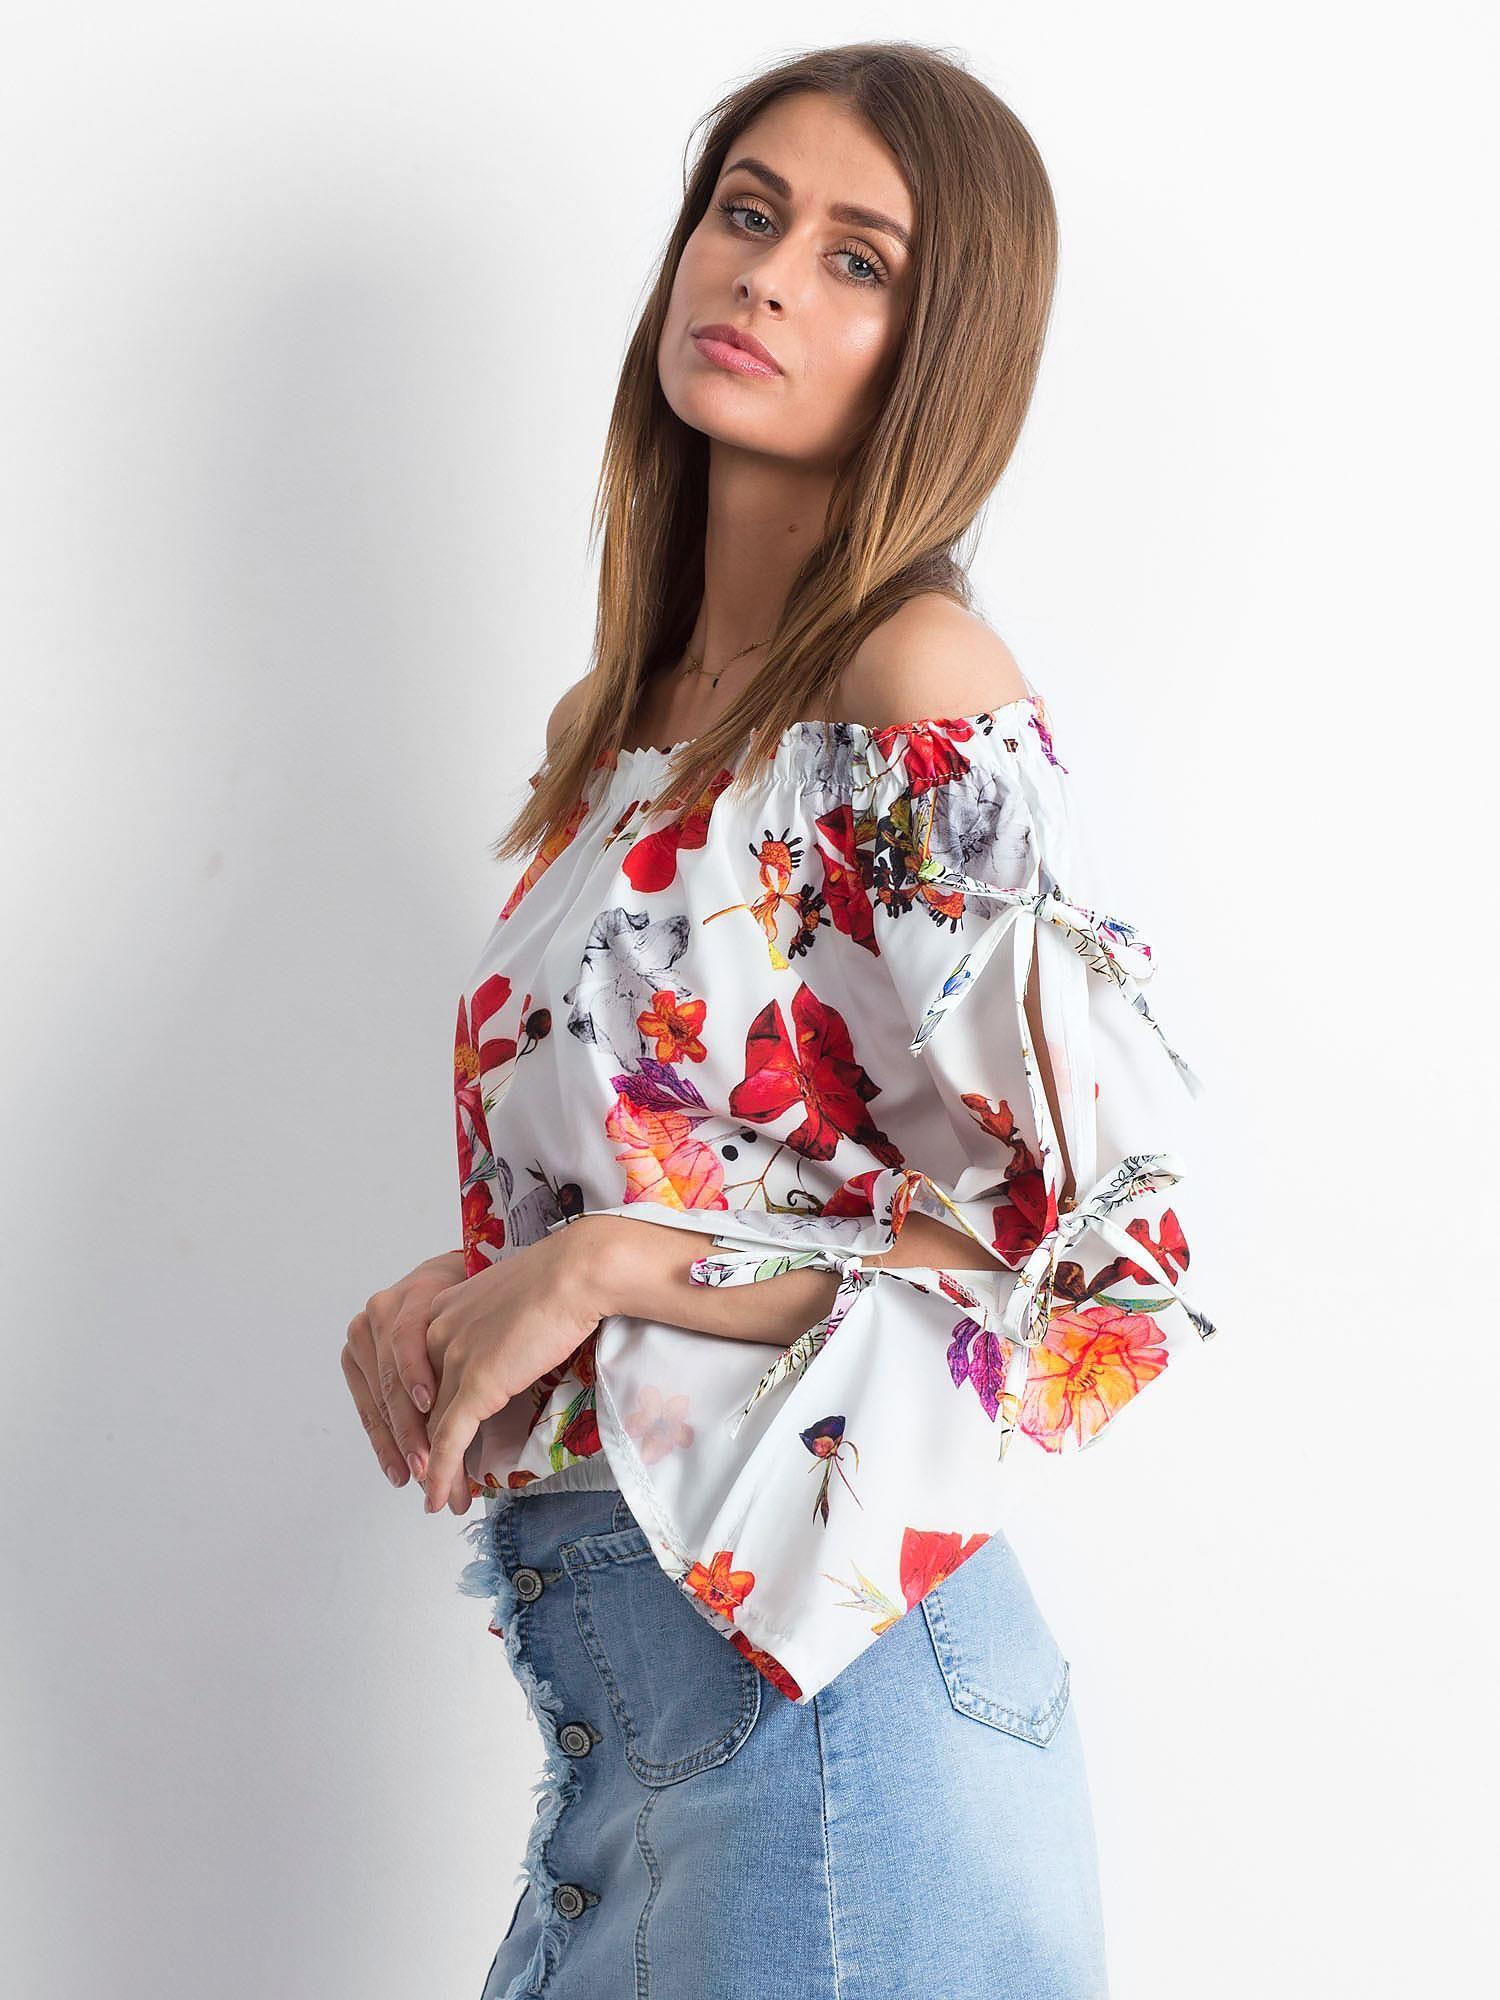 b9290157f5 Czarna bluzka hiszpanka w kolorowe kwiaty - Bluzka one size - sklep  eButik.pl